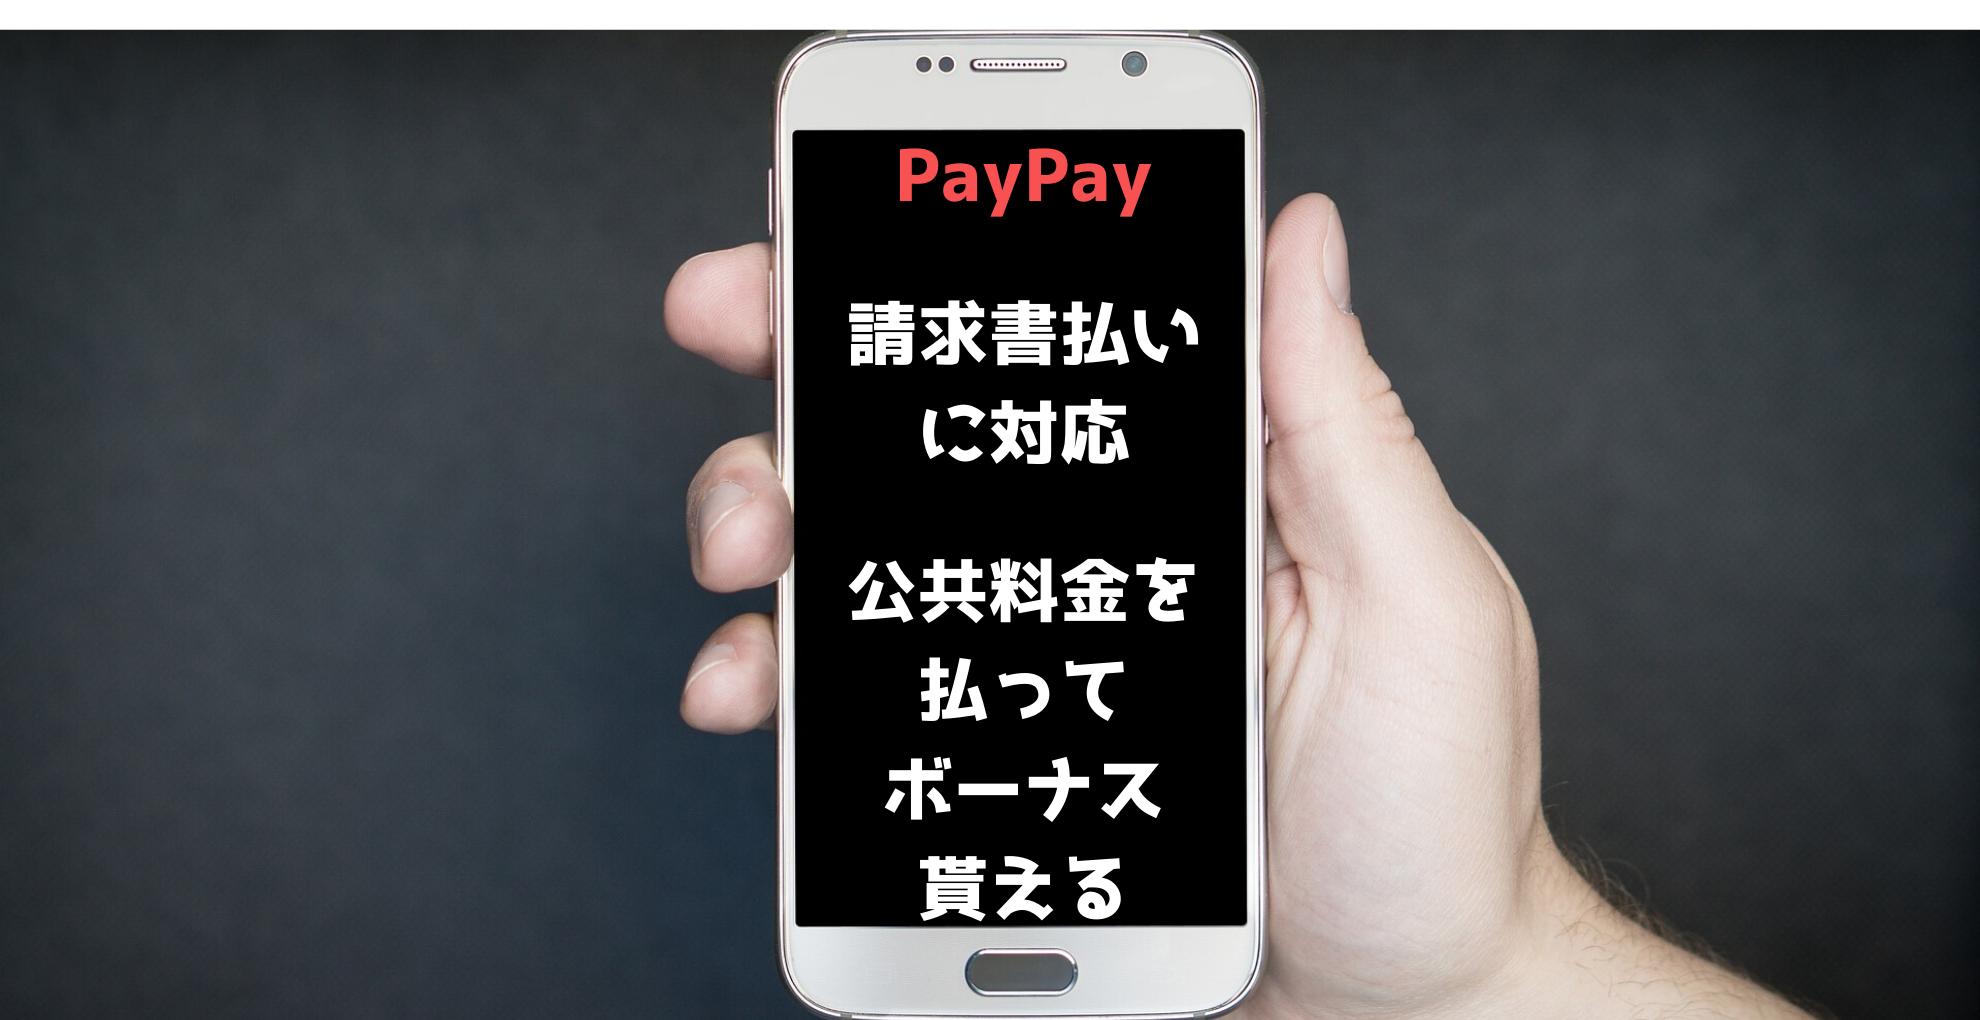 【PayPay】請求書支払いに対応 公共料金を払ってPayPayボーナスが貰える